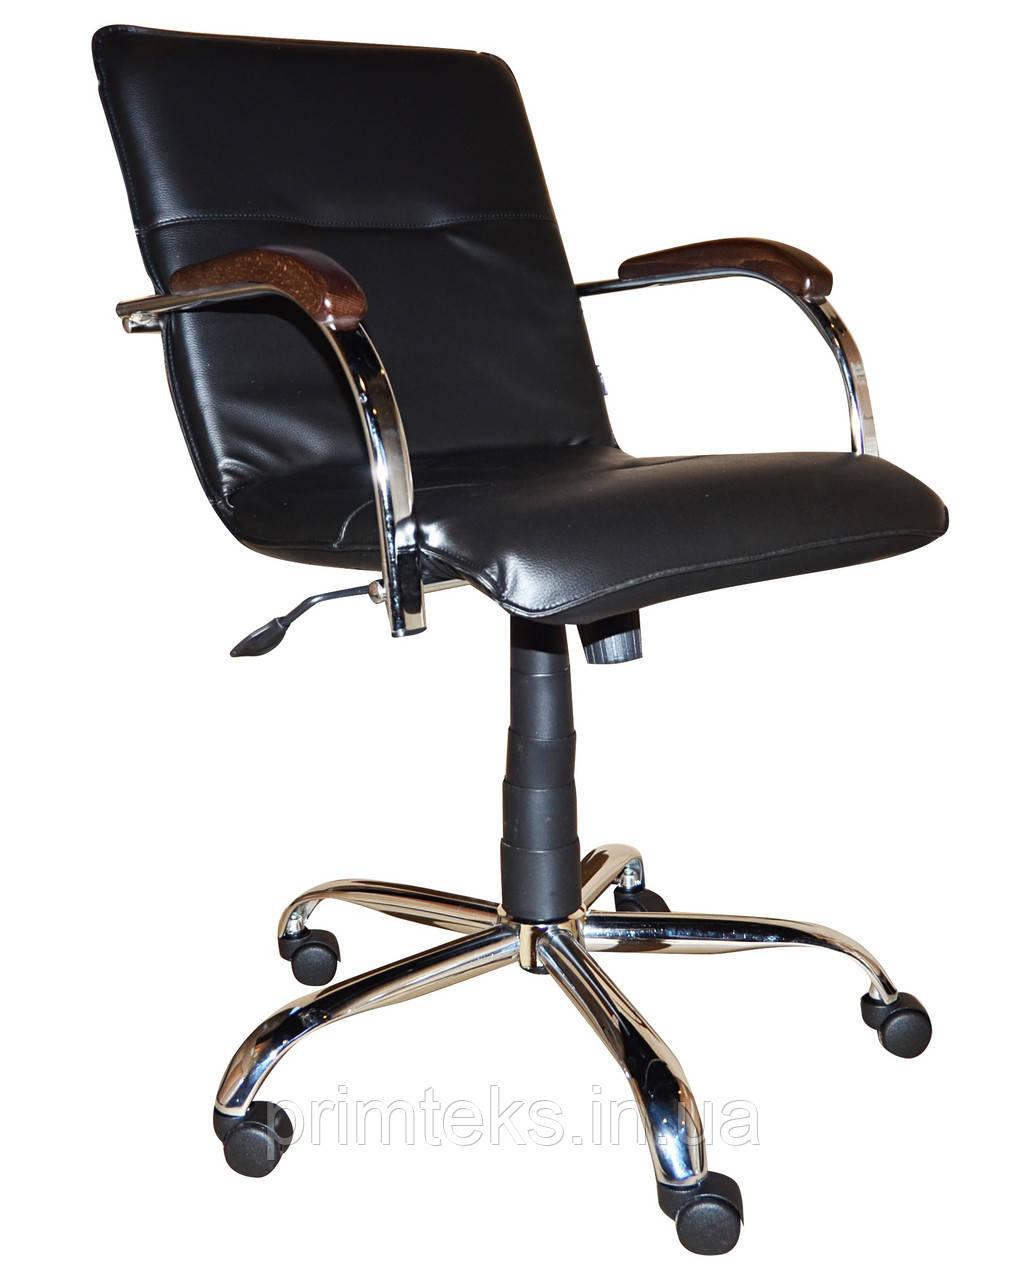 Крісло Samba GTP chrome wood 1.031 CZ-3